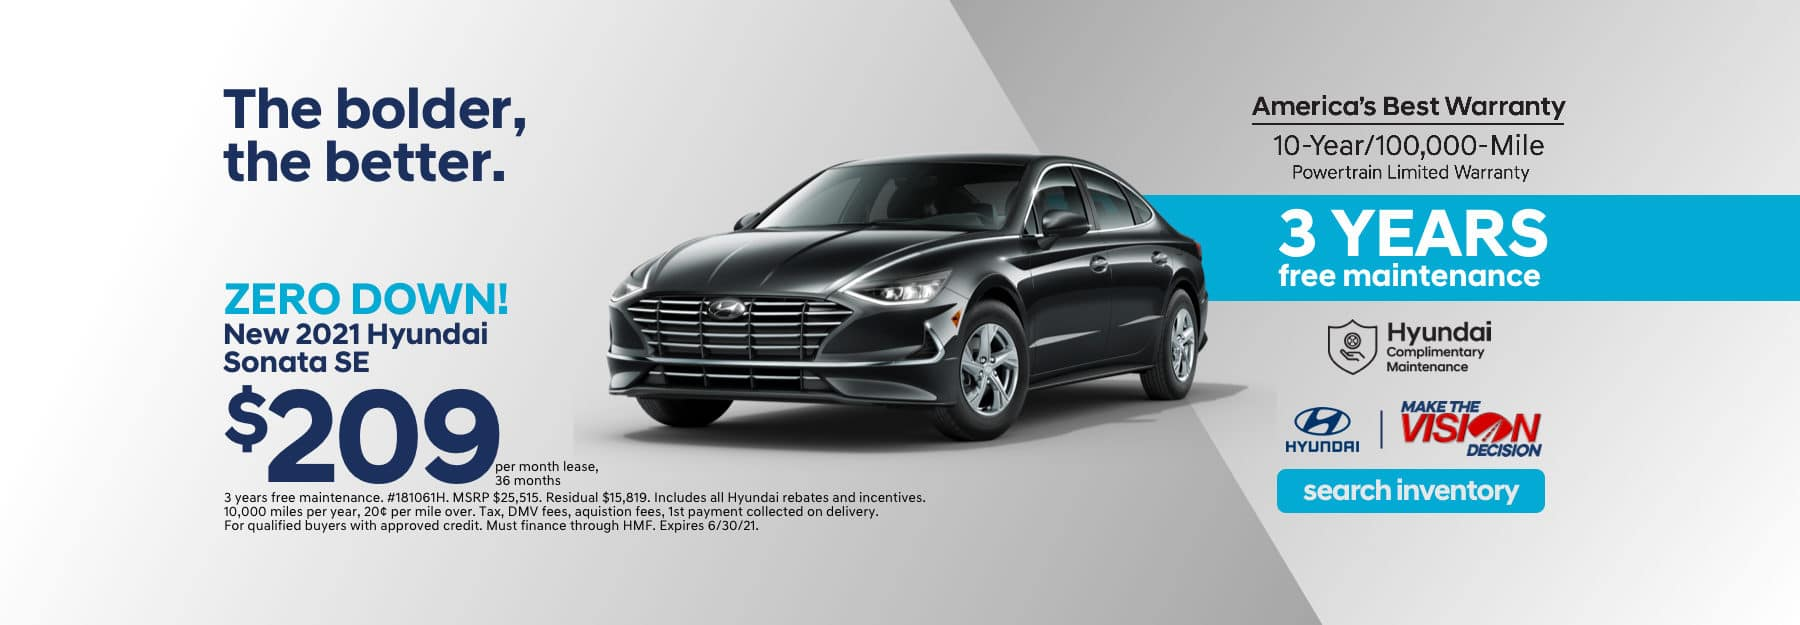 Vision-Hyundai-Sliders-0615-Sonata